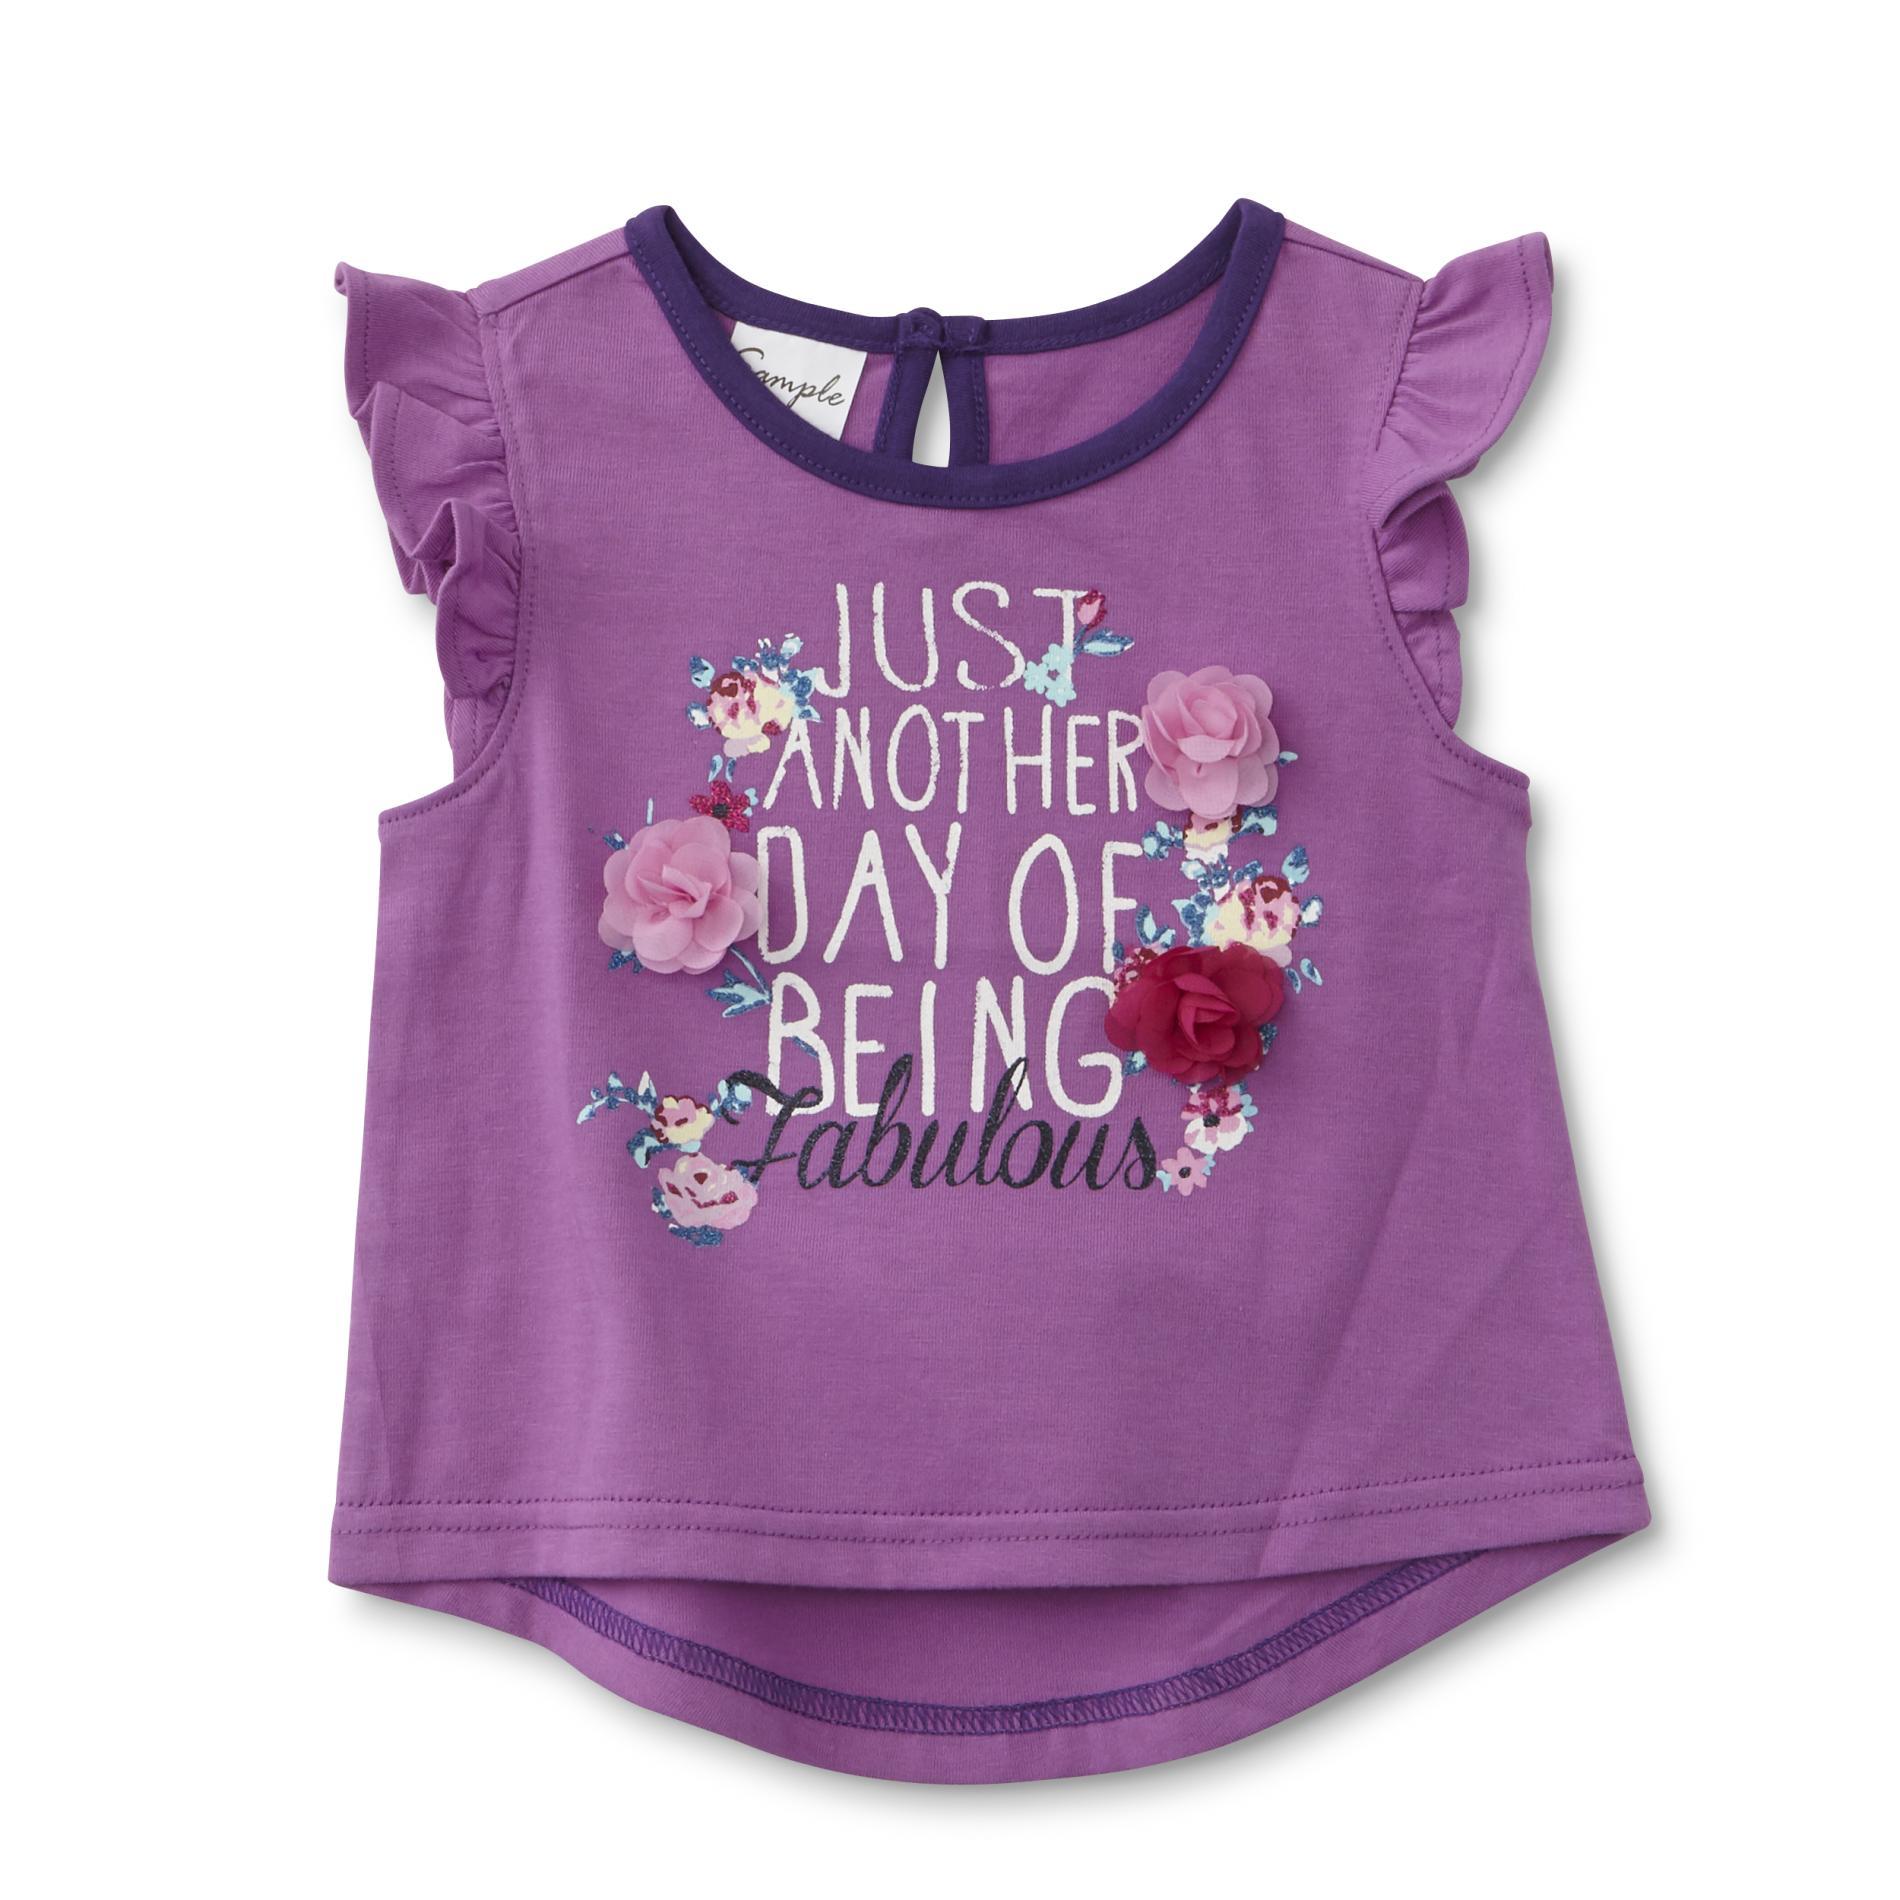 Infant & Toddler Girl's Flutter Sleeve Top - Floral